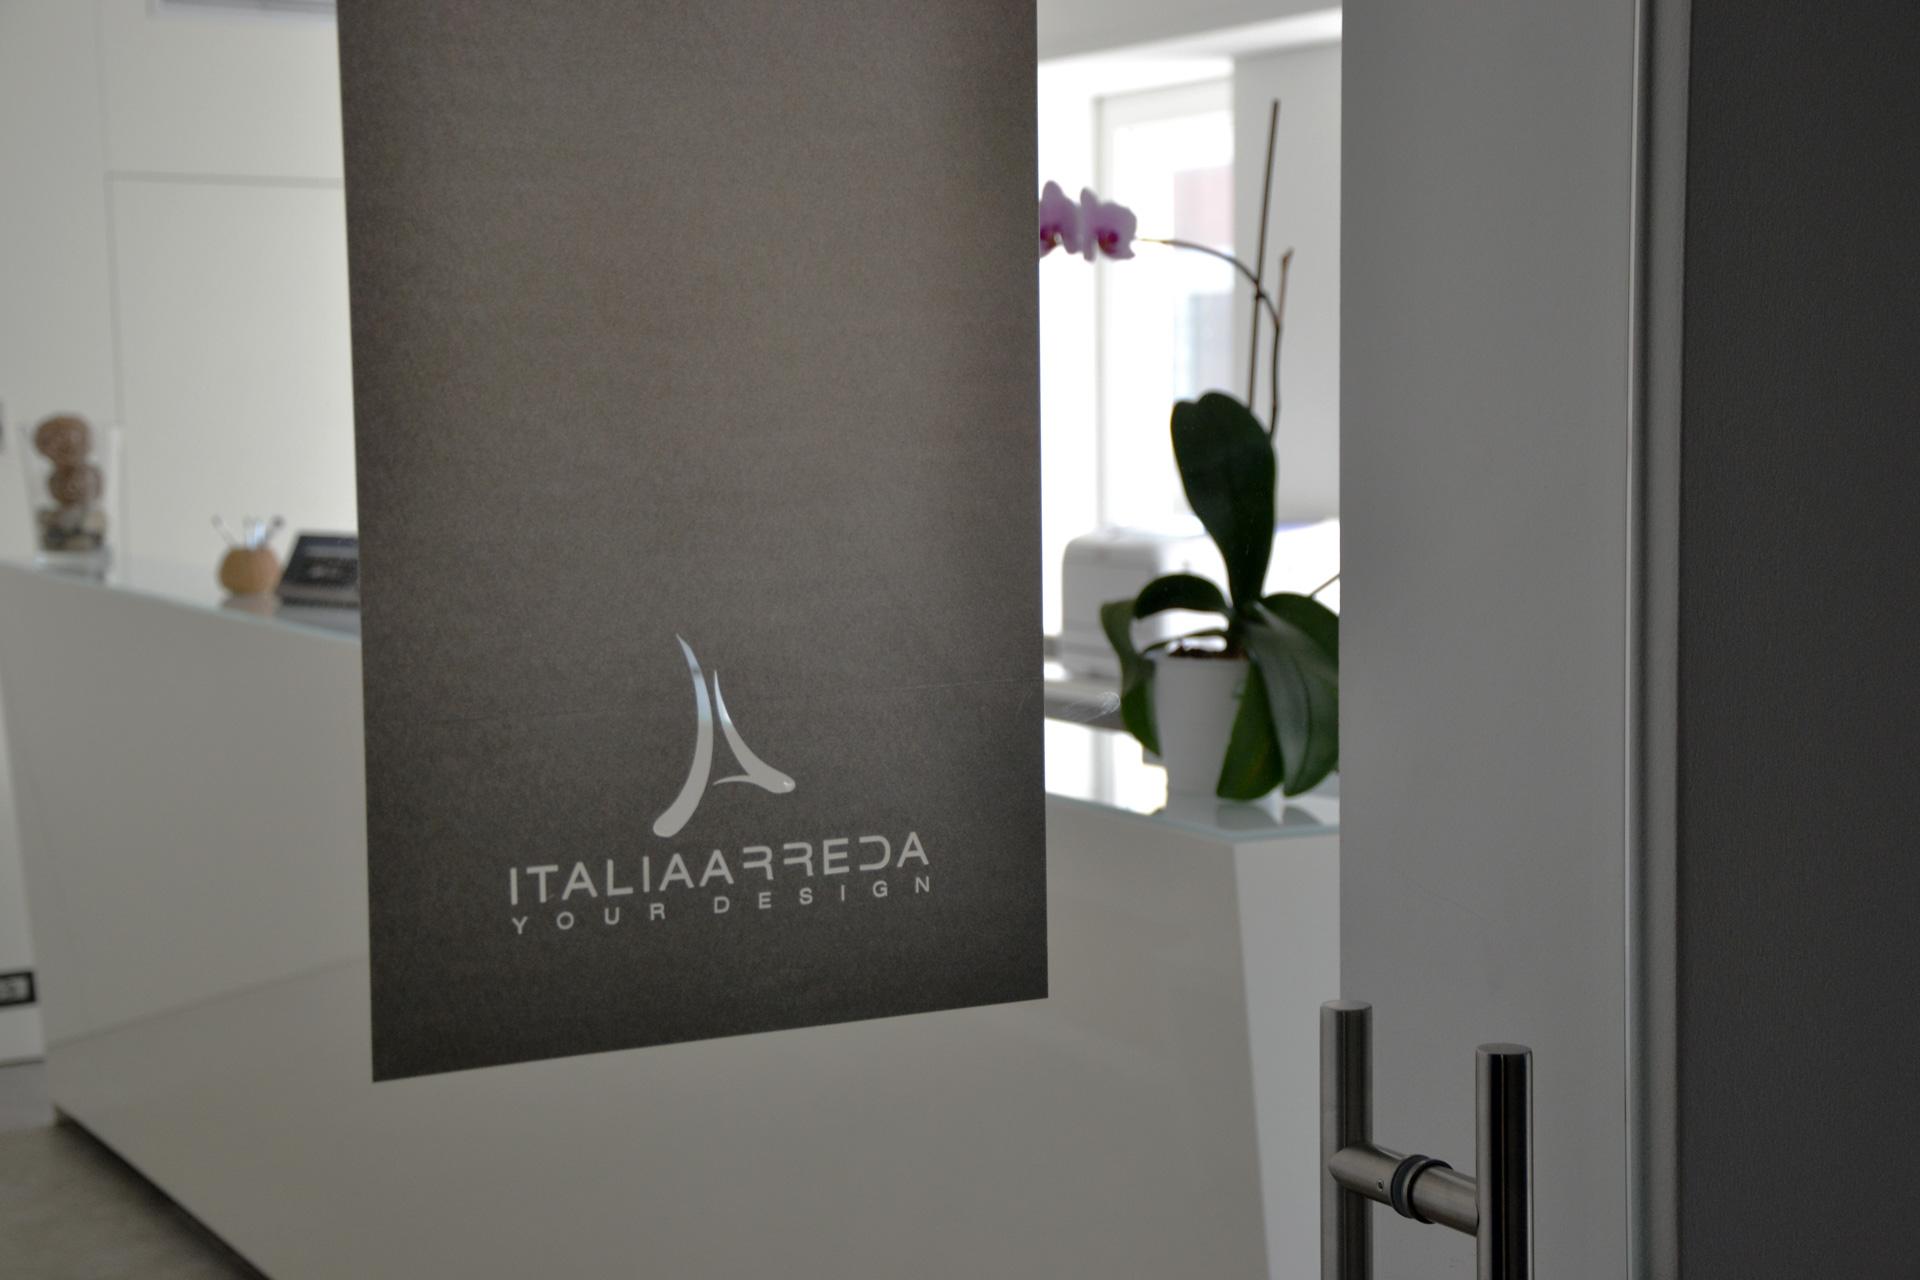 Italia Arreda Borgaro Torinese azienda | italiaarreda